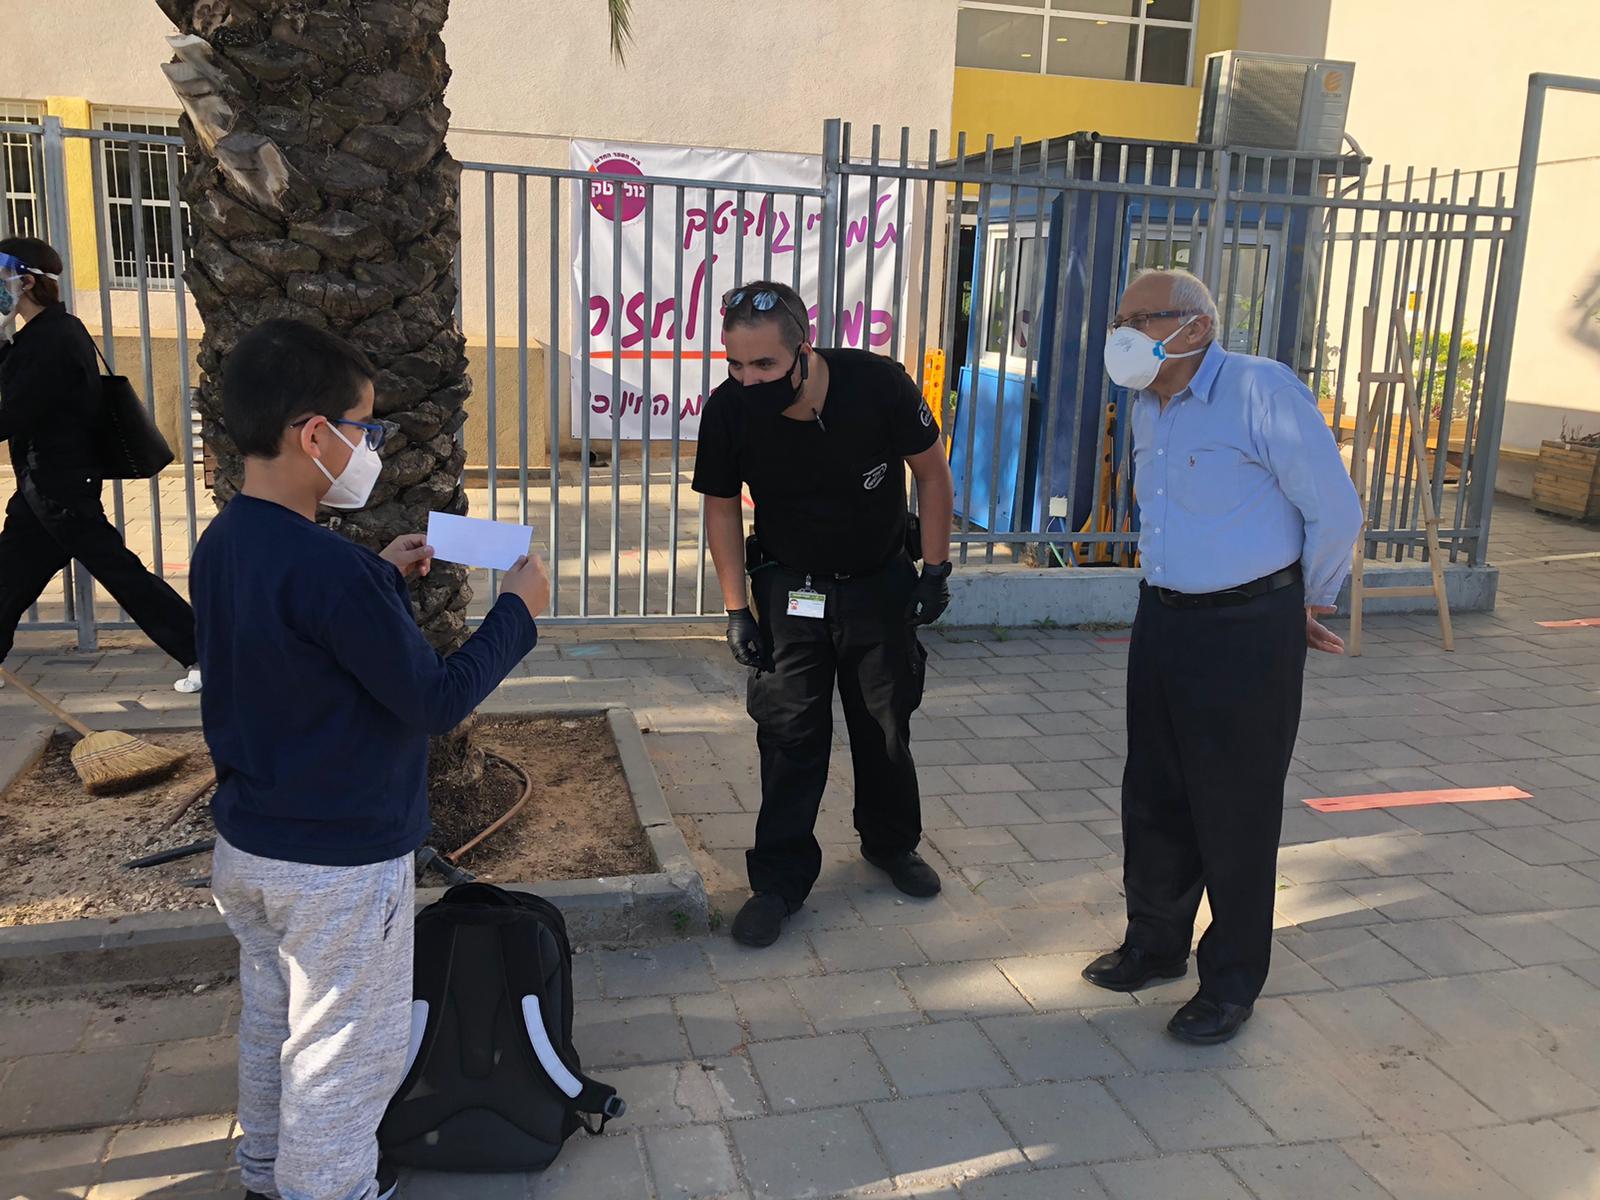 ראש העיר מוטי ששון בוחן הצהרת בריאות של תלמיד בעת פתיחה מחודשת של בית הספר גולדטק בחולון בצל מגבלות הקורונה. צילום-עיריית ח (1)